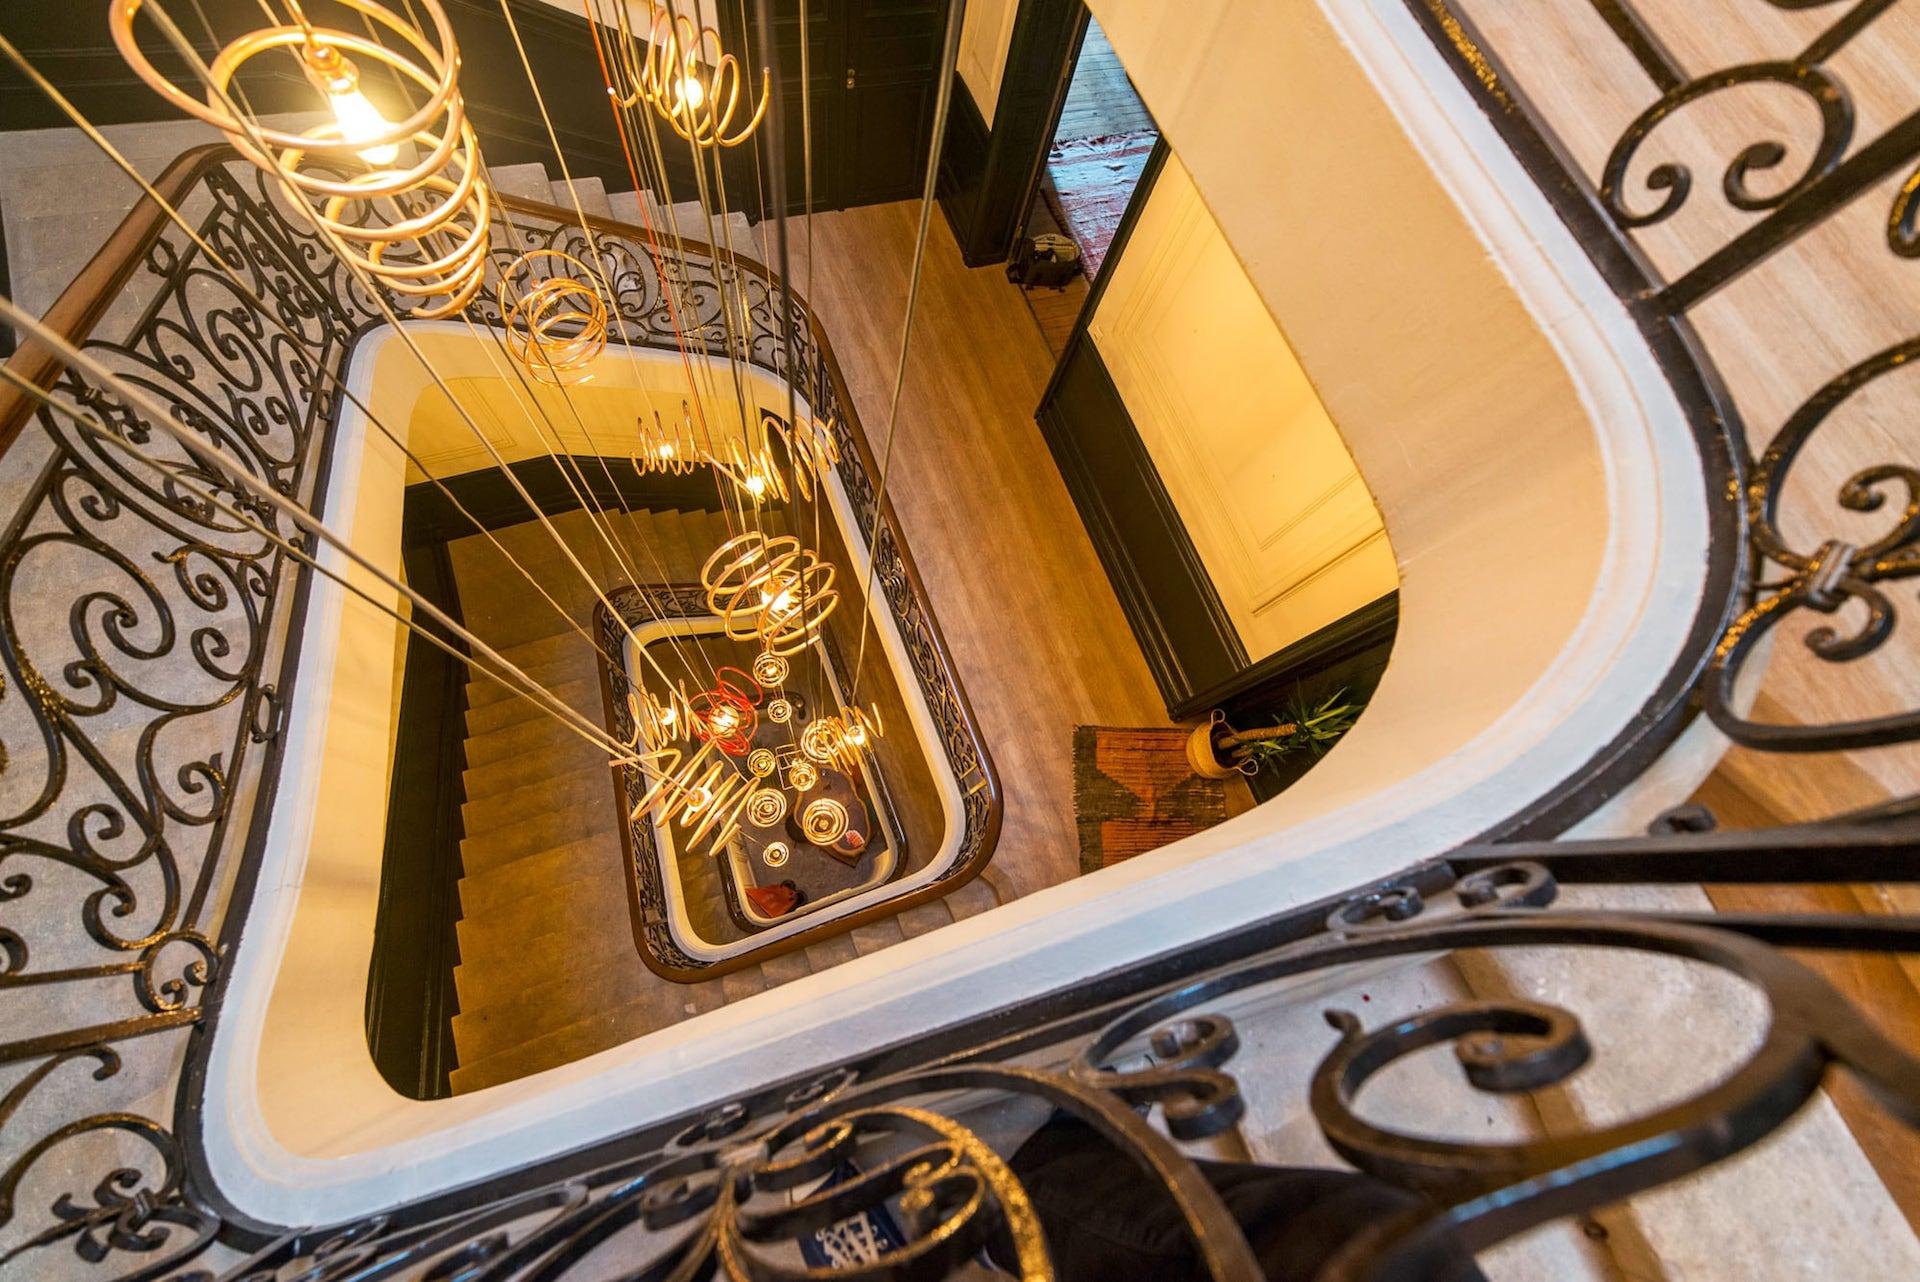 cage d'escalier moderne et design dans espace de coworking Win'